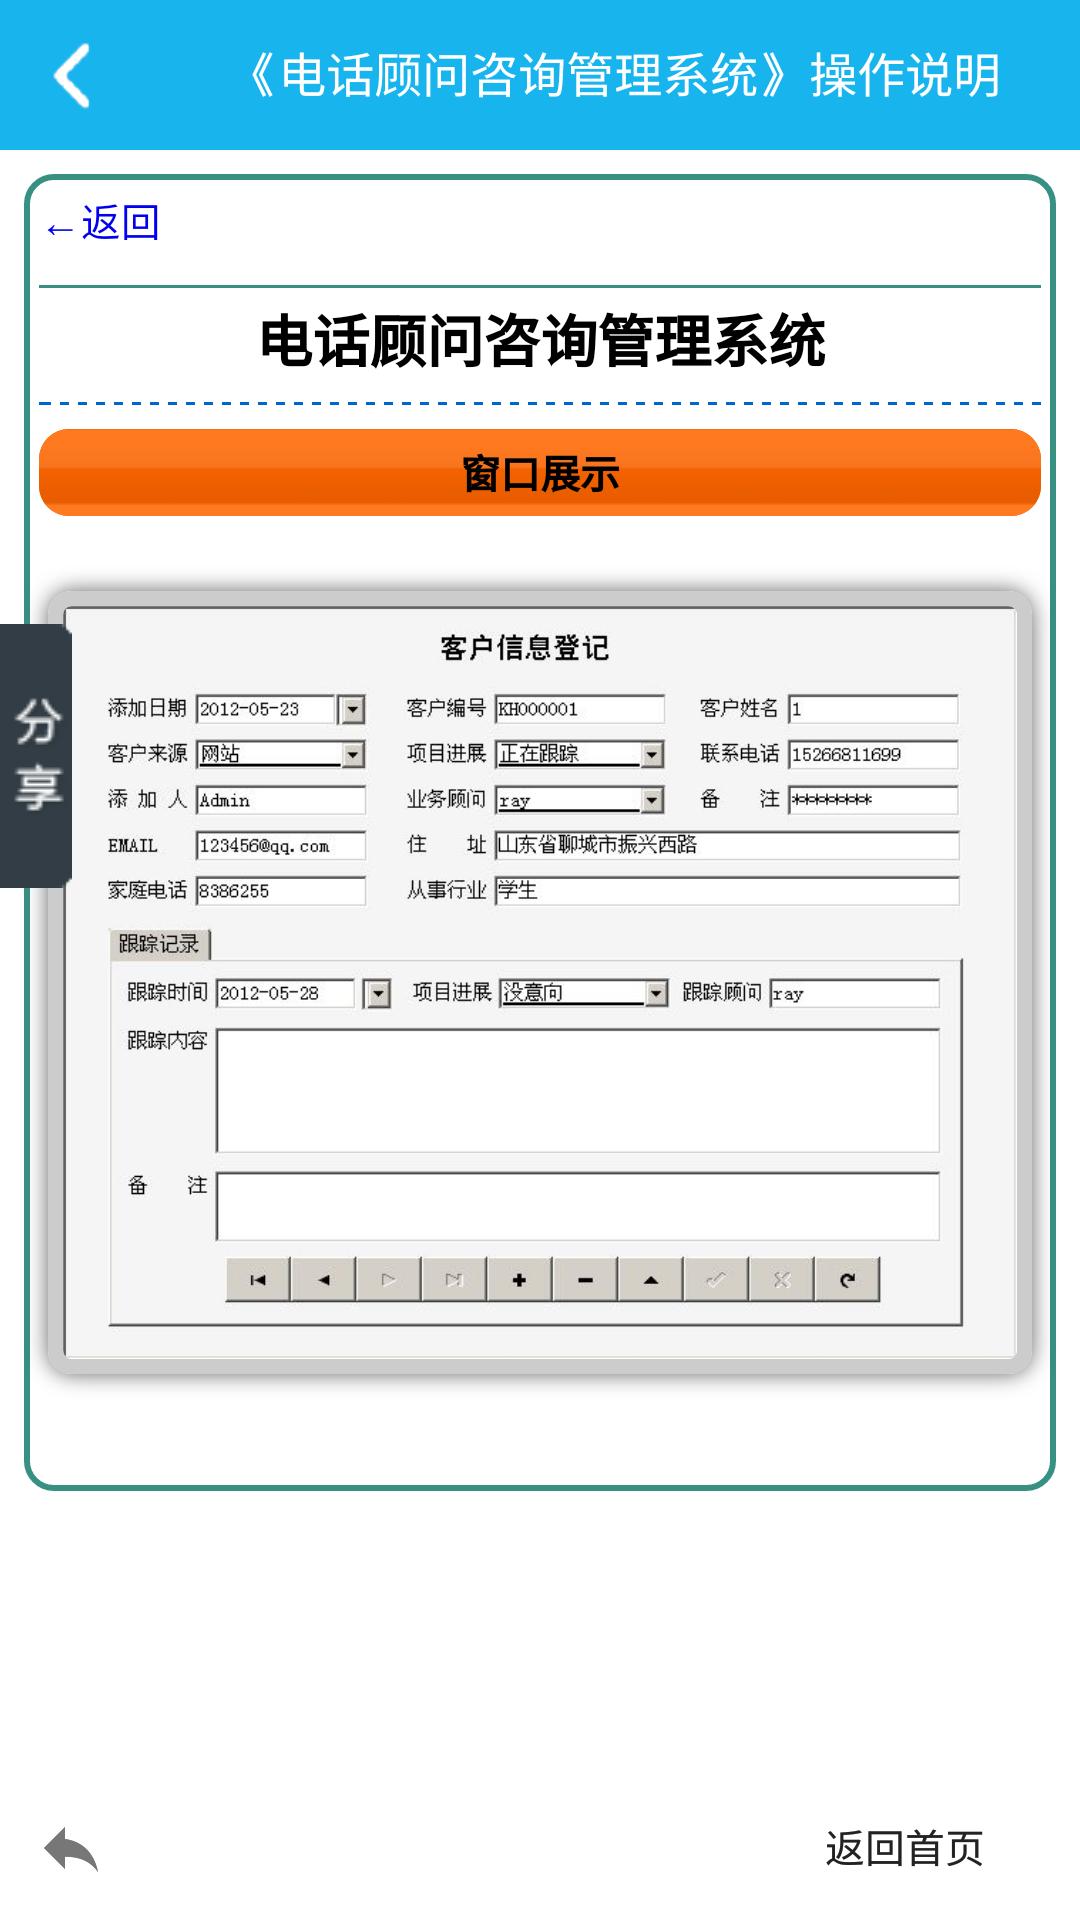 电话咨询管理系统